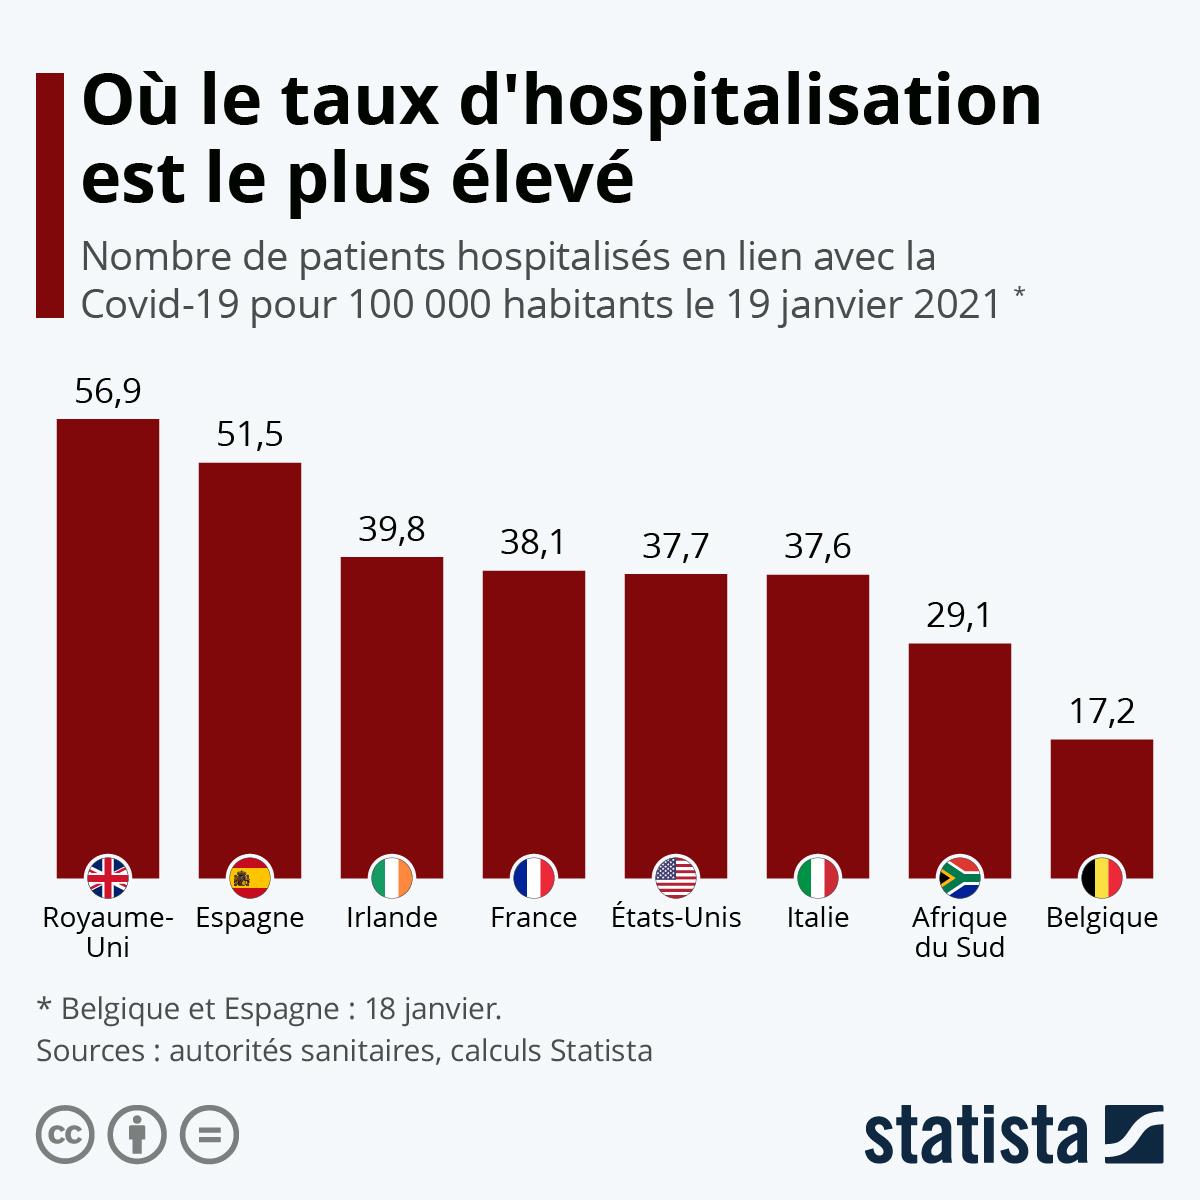 Infographie: Covid-19 : où le taux d'hospitalisation est le plus élevé | Statista